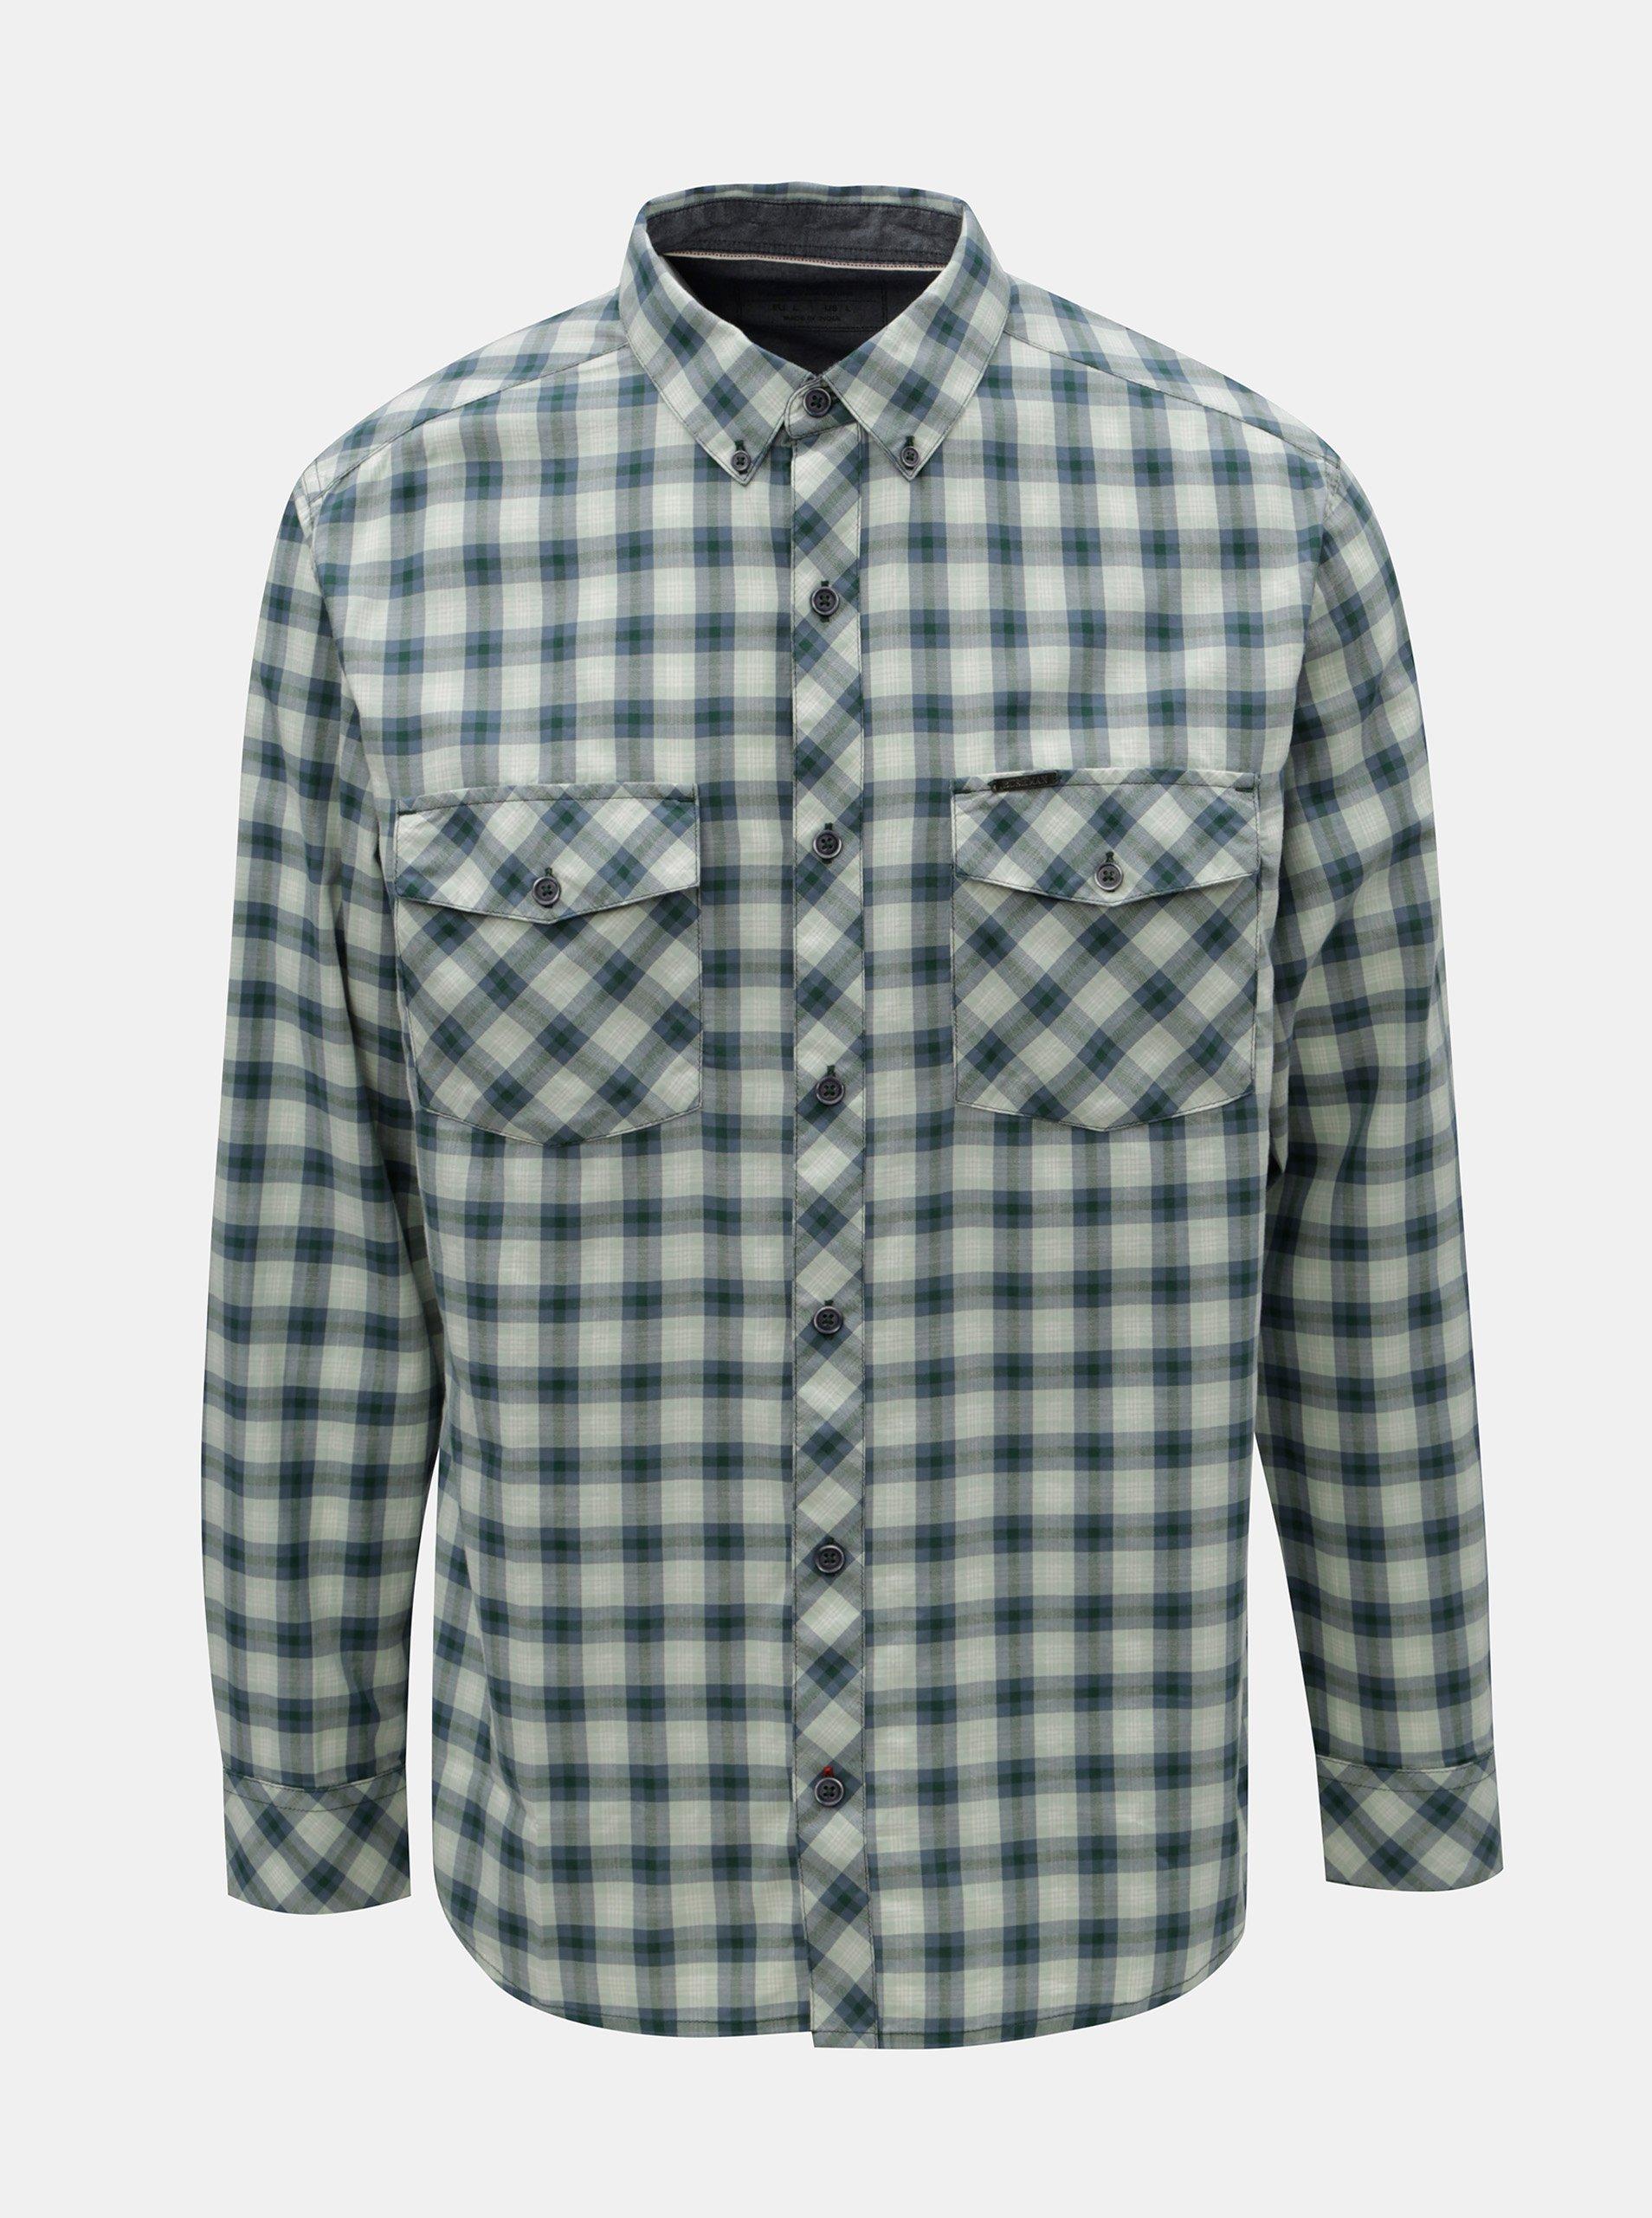 Modro-zelená pánská károvaná košile BUSHMAN Gresham 9d833a22c1